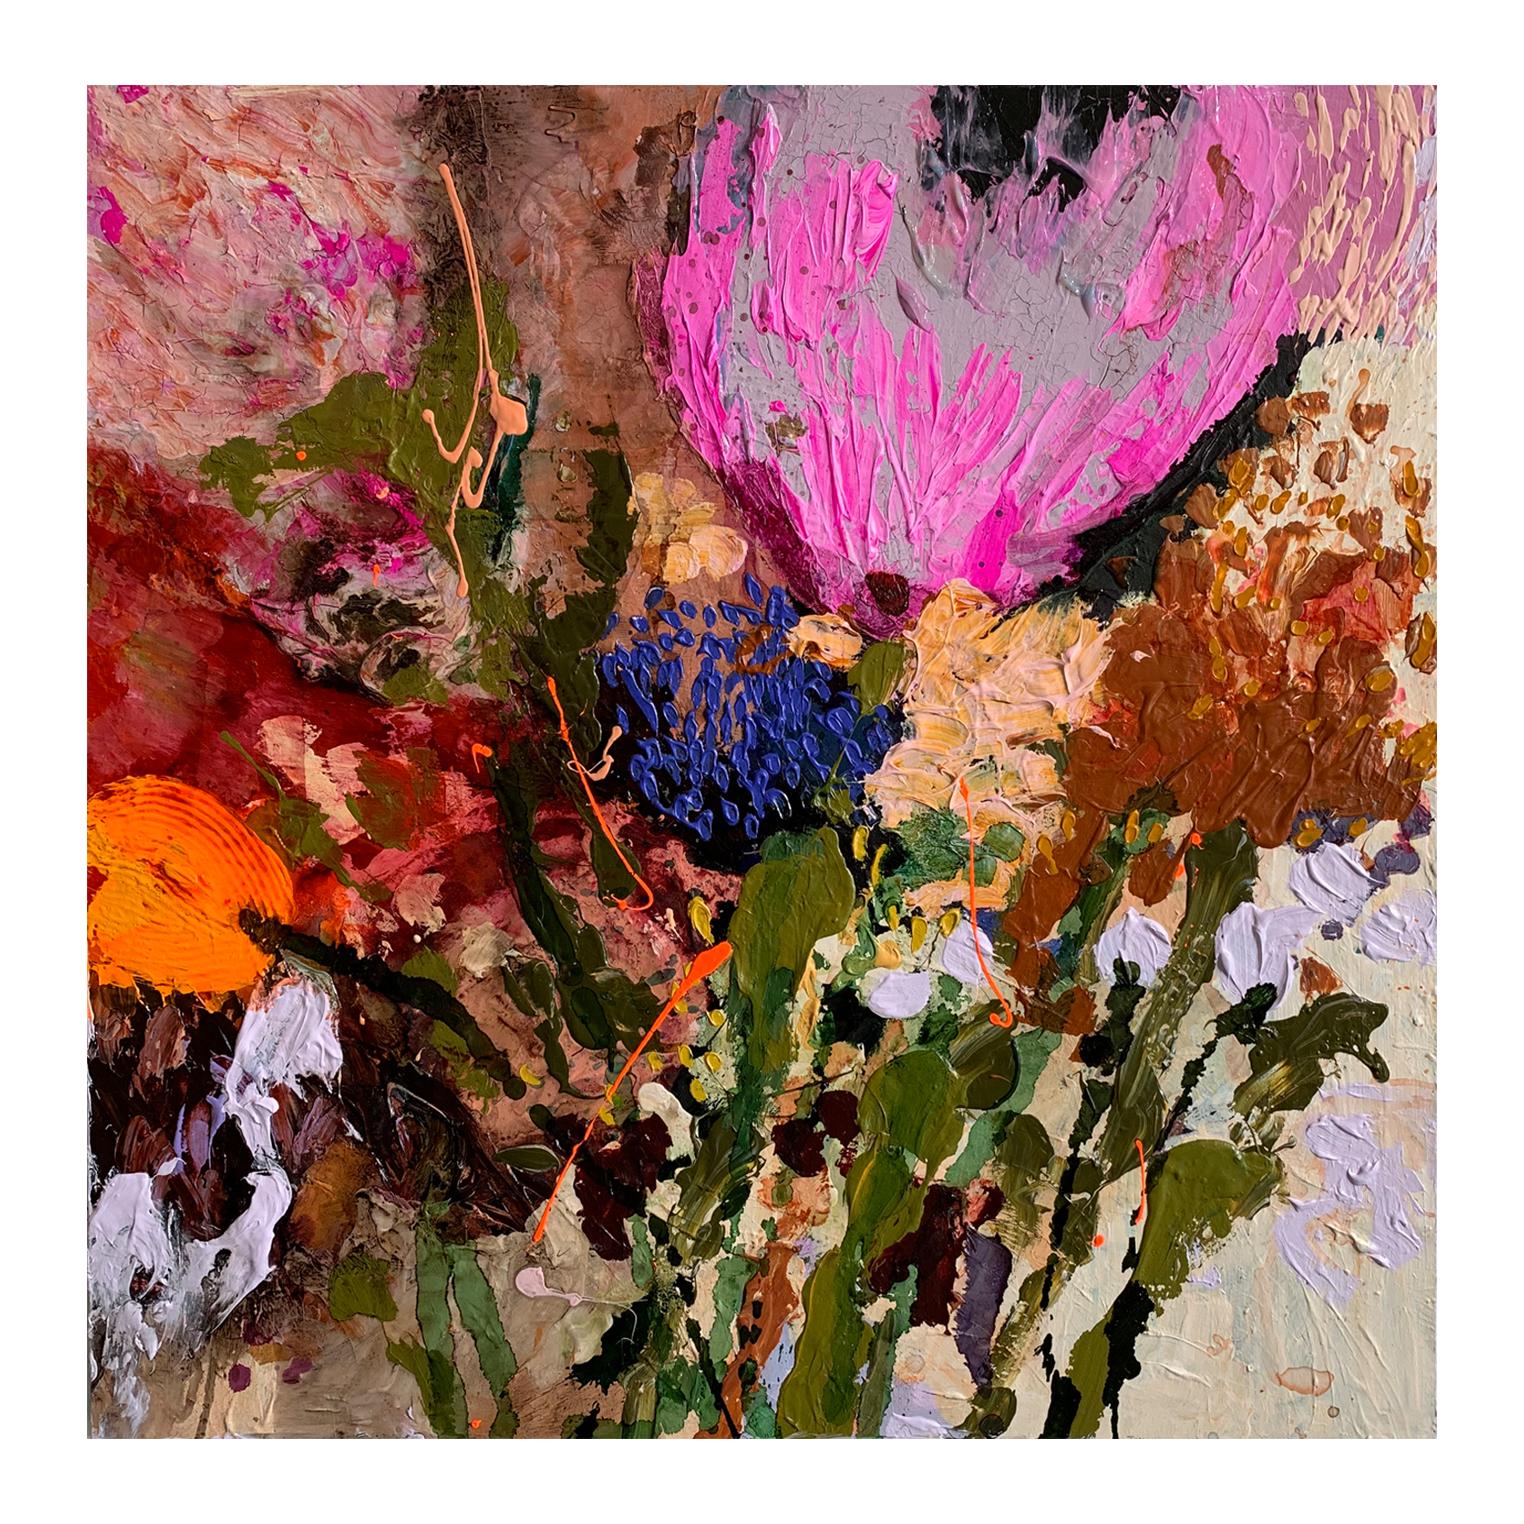 Cartel Flowers by Australian artist Jessica Skye Baker